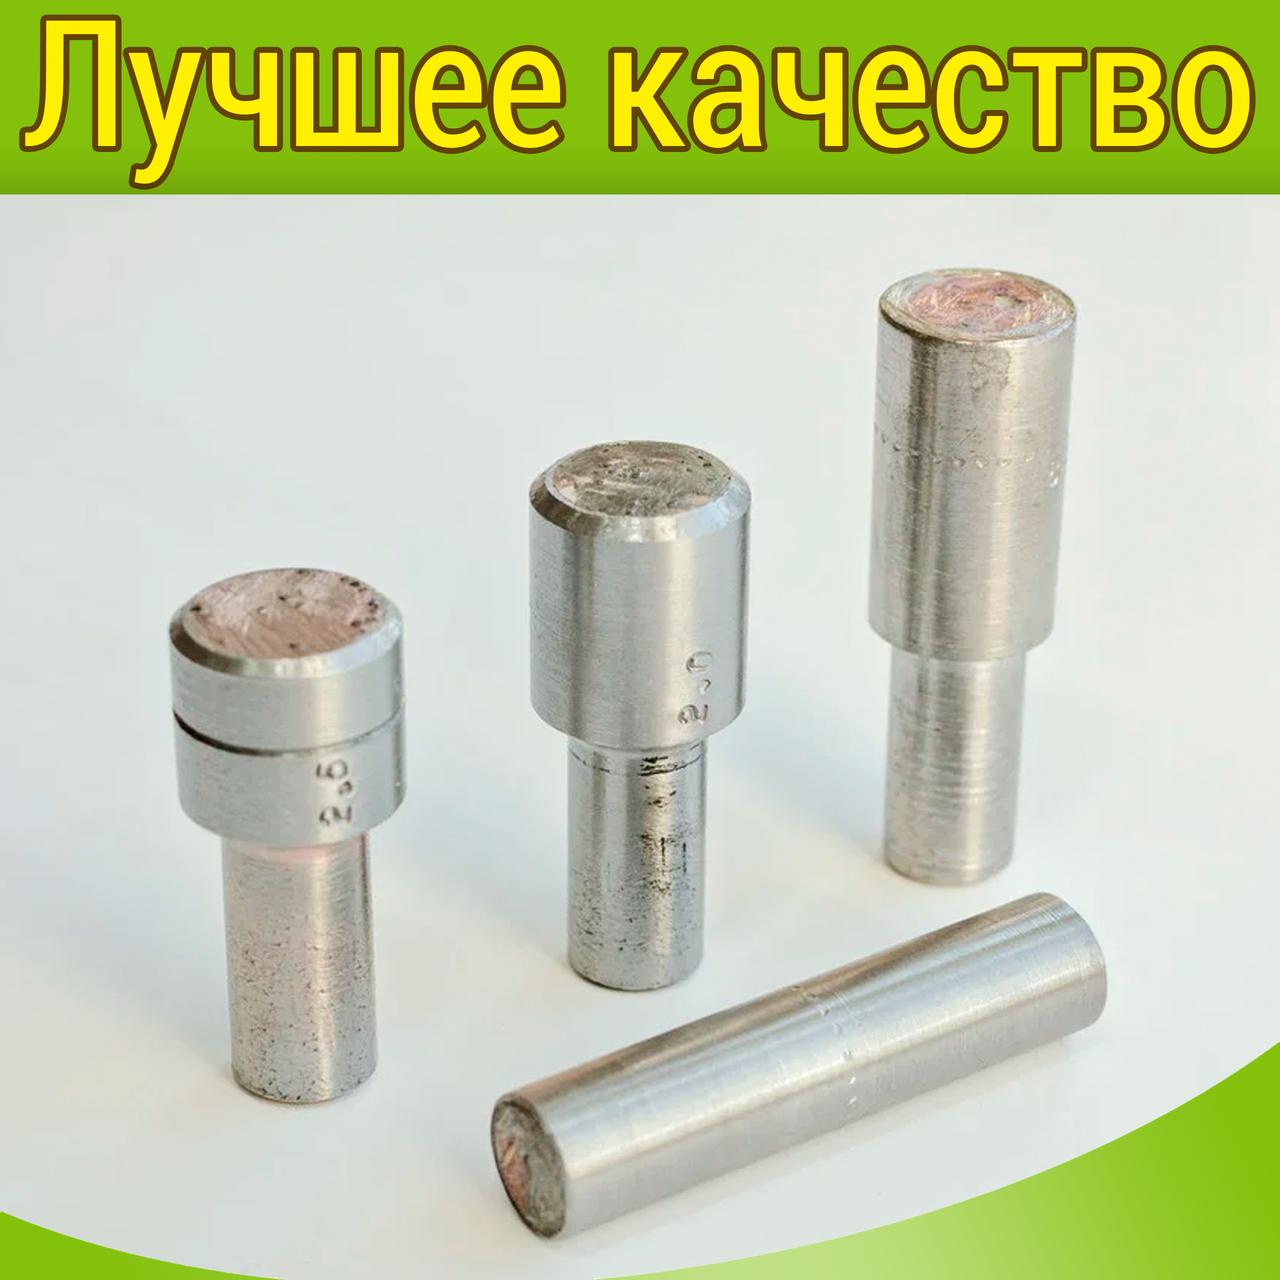 Карандаш алмазный 3908-0065, тип 04, исп.А, 1,0 карат